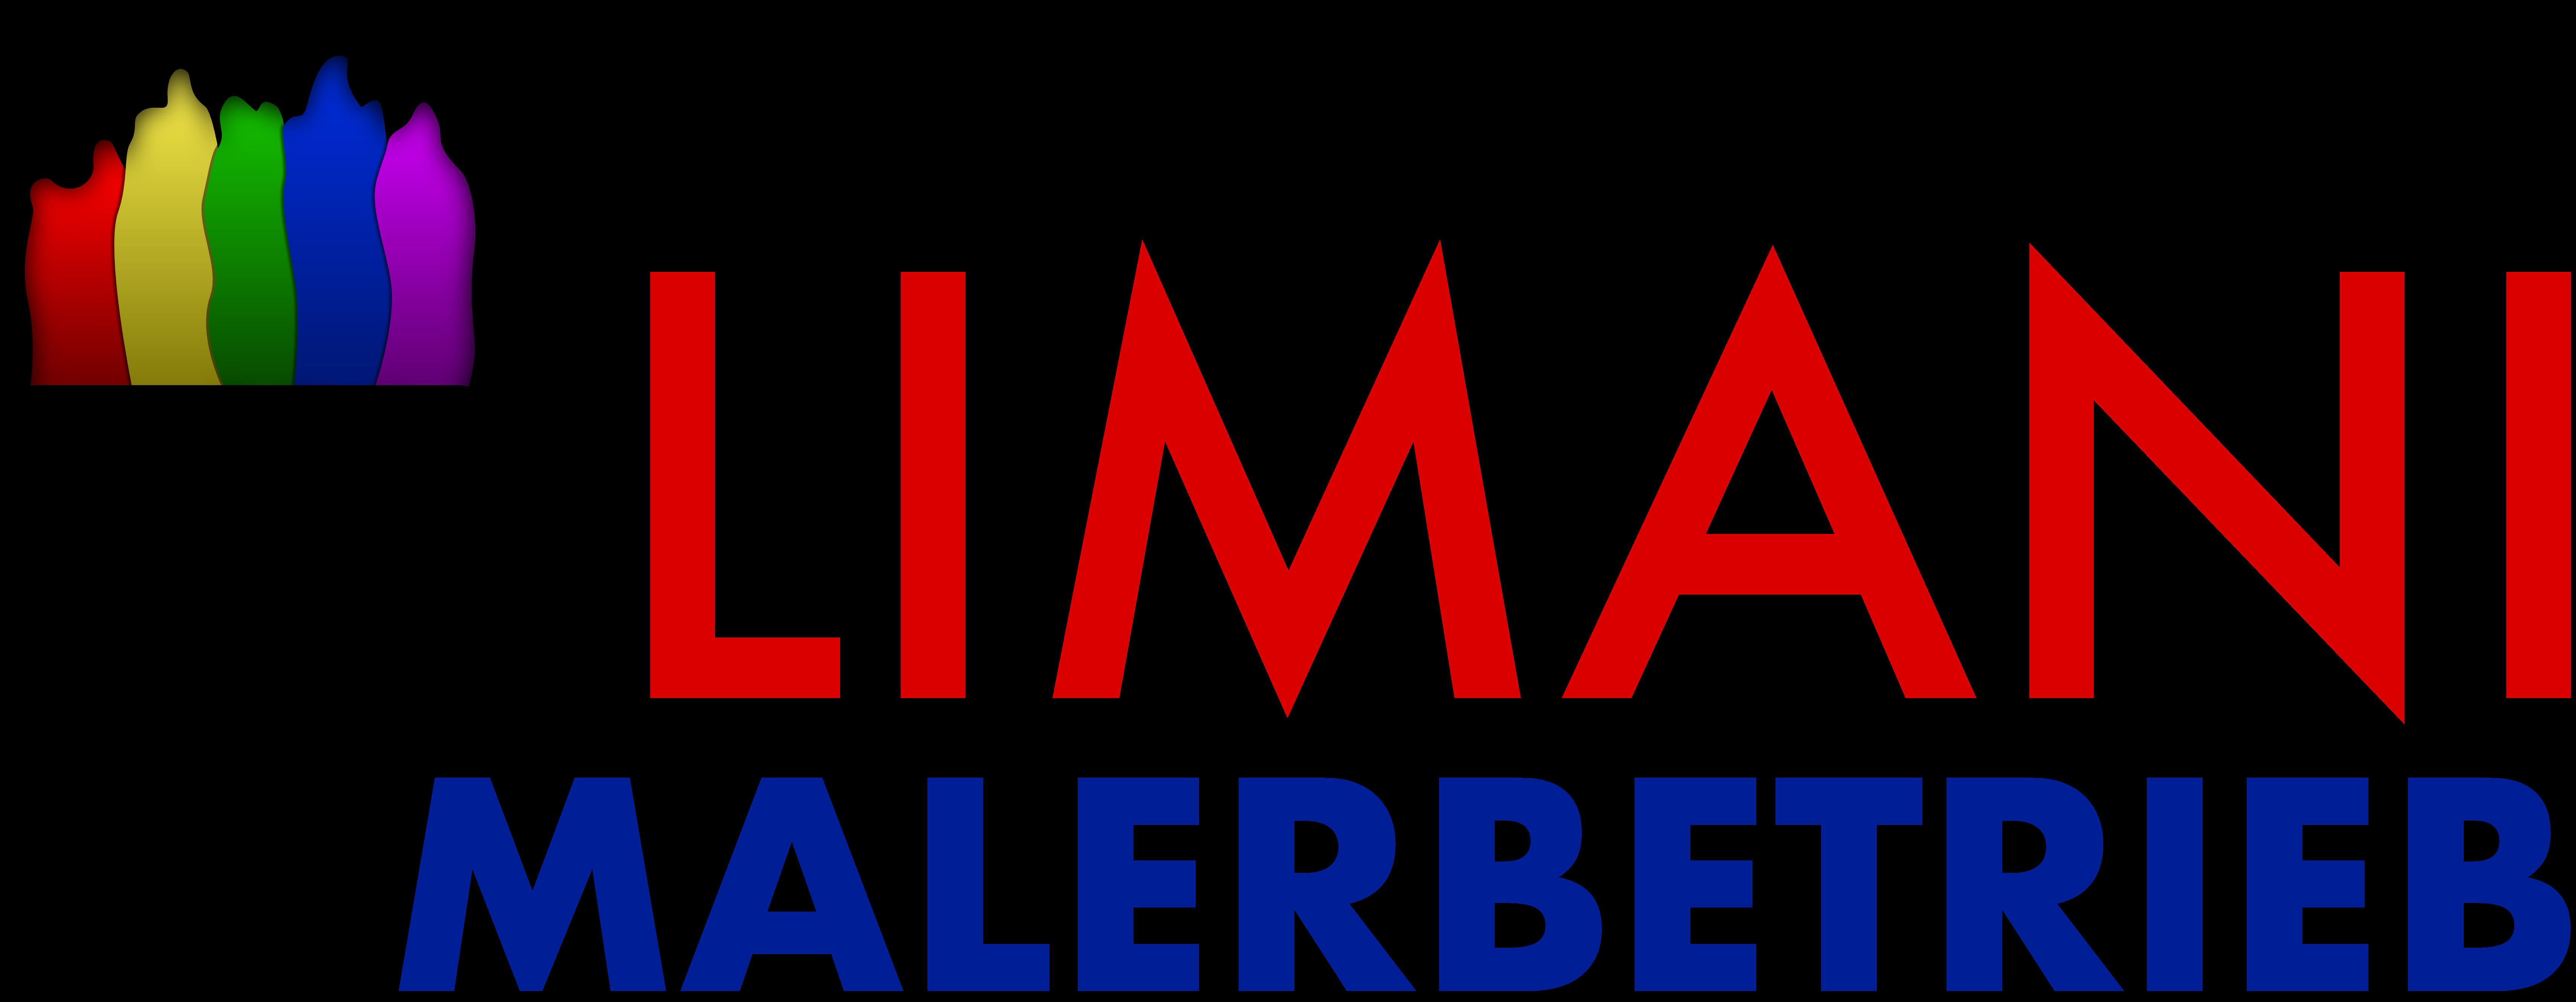 Home Malerbetrieb Limani Serviceorientiert Preiswert